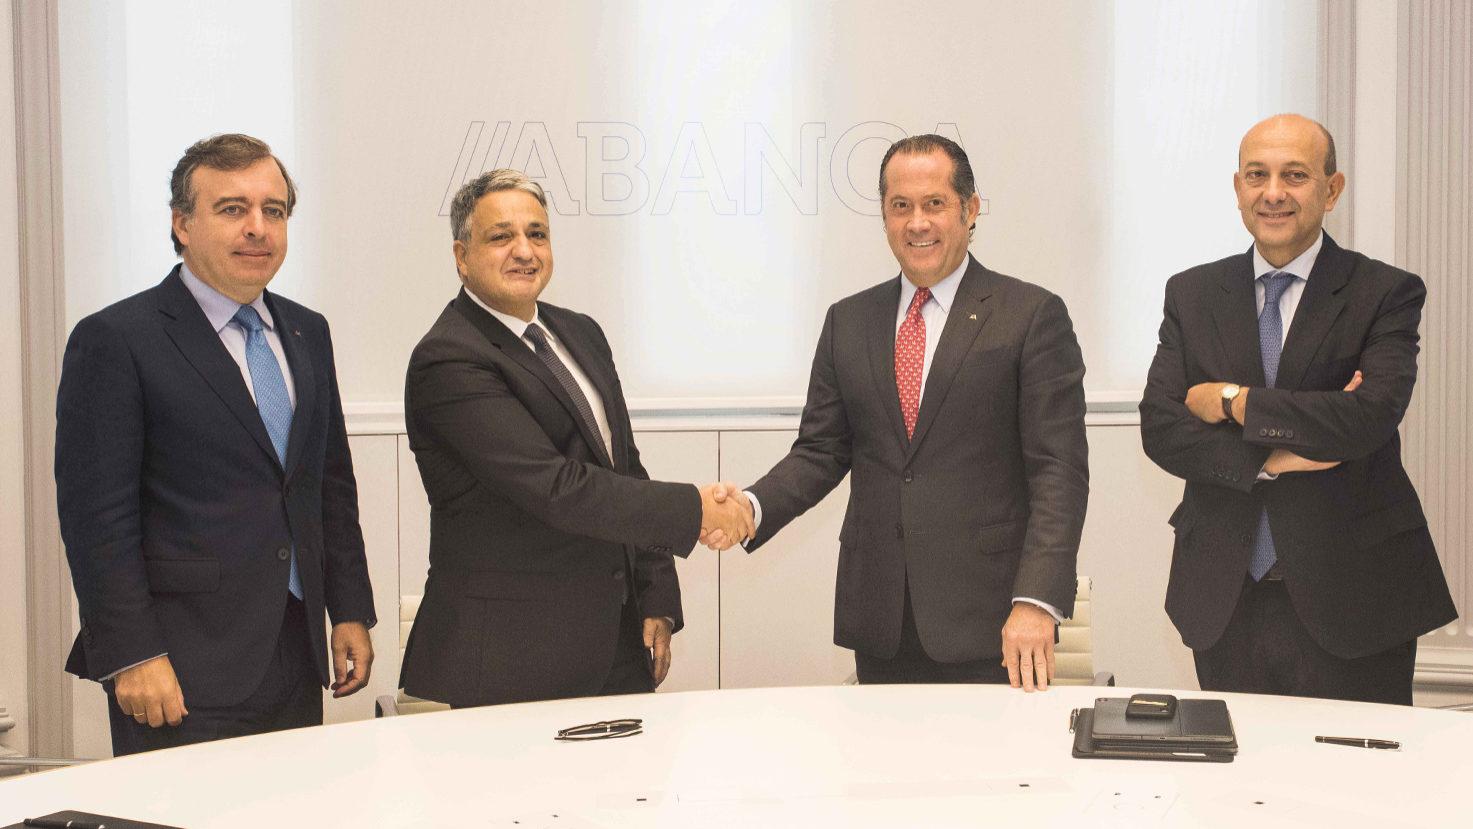 Caixa fecha venda do banco em Espanha e anuncia aliança com Abanca nos mercados internacionais